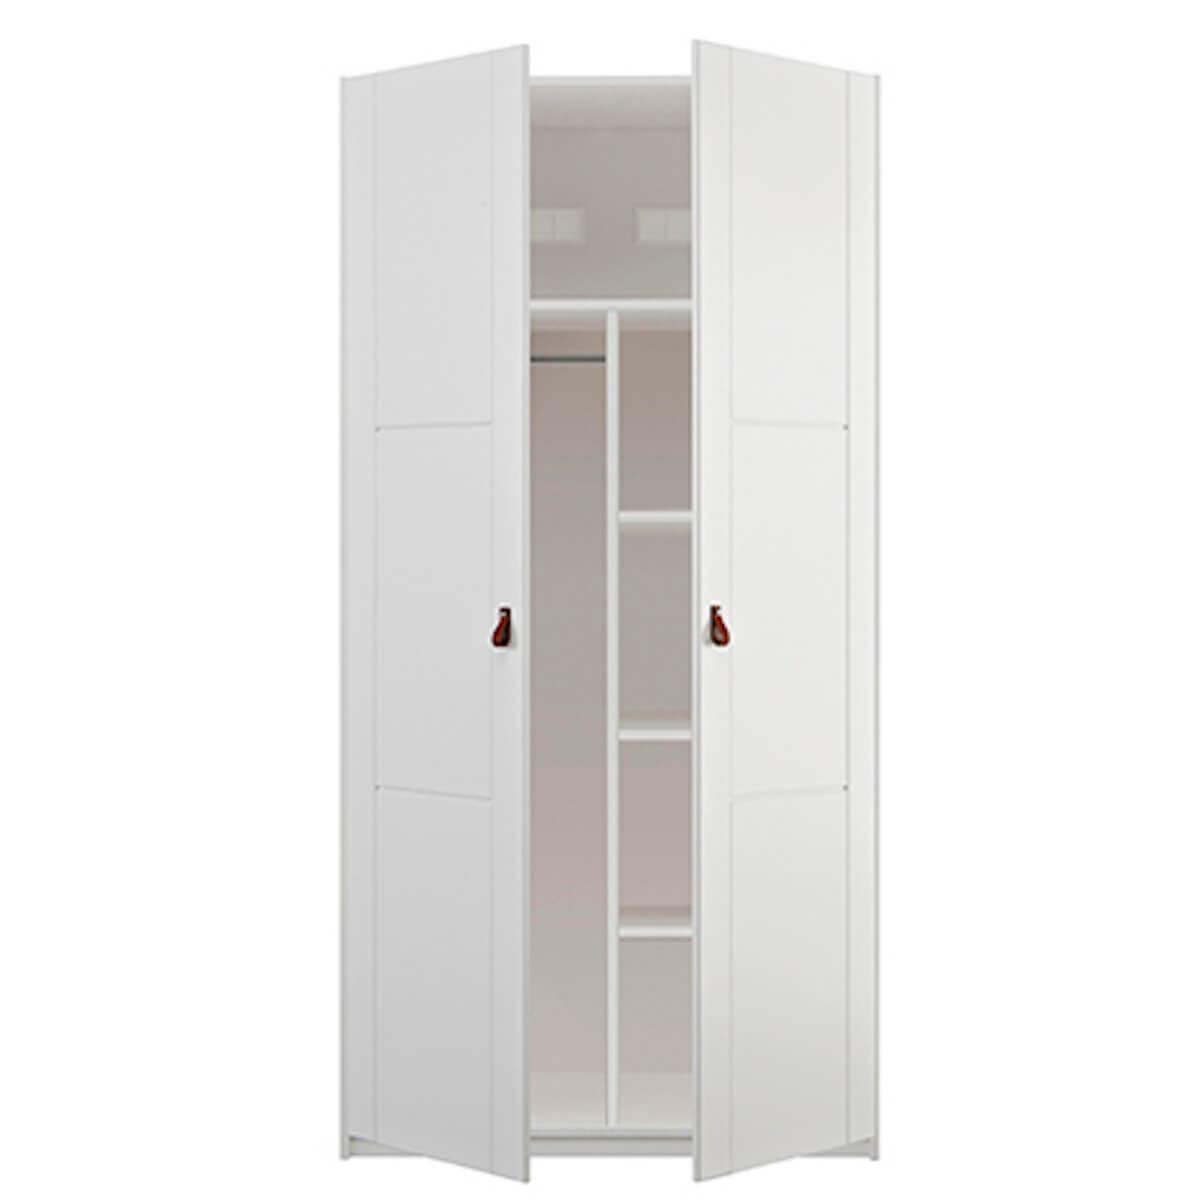 Armoire 2 portes Lifetime blanc